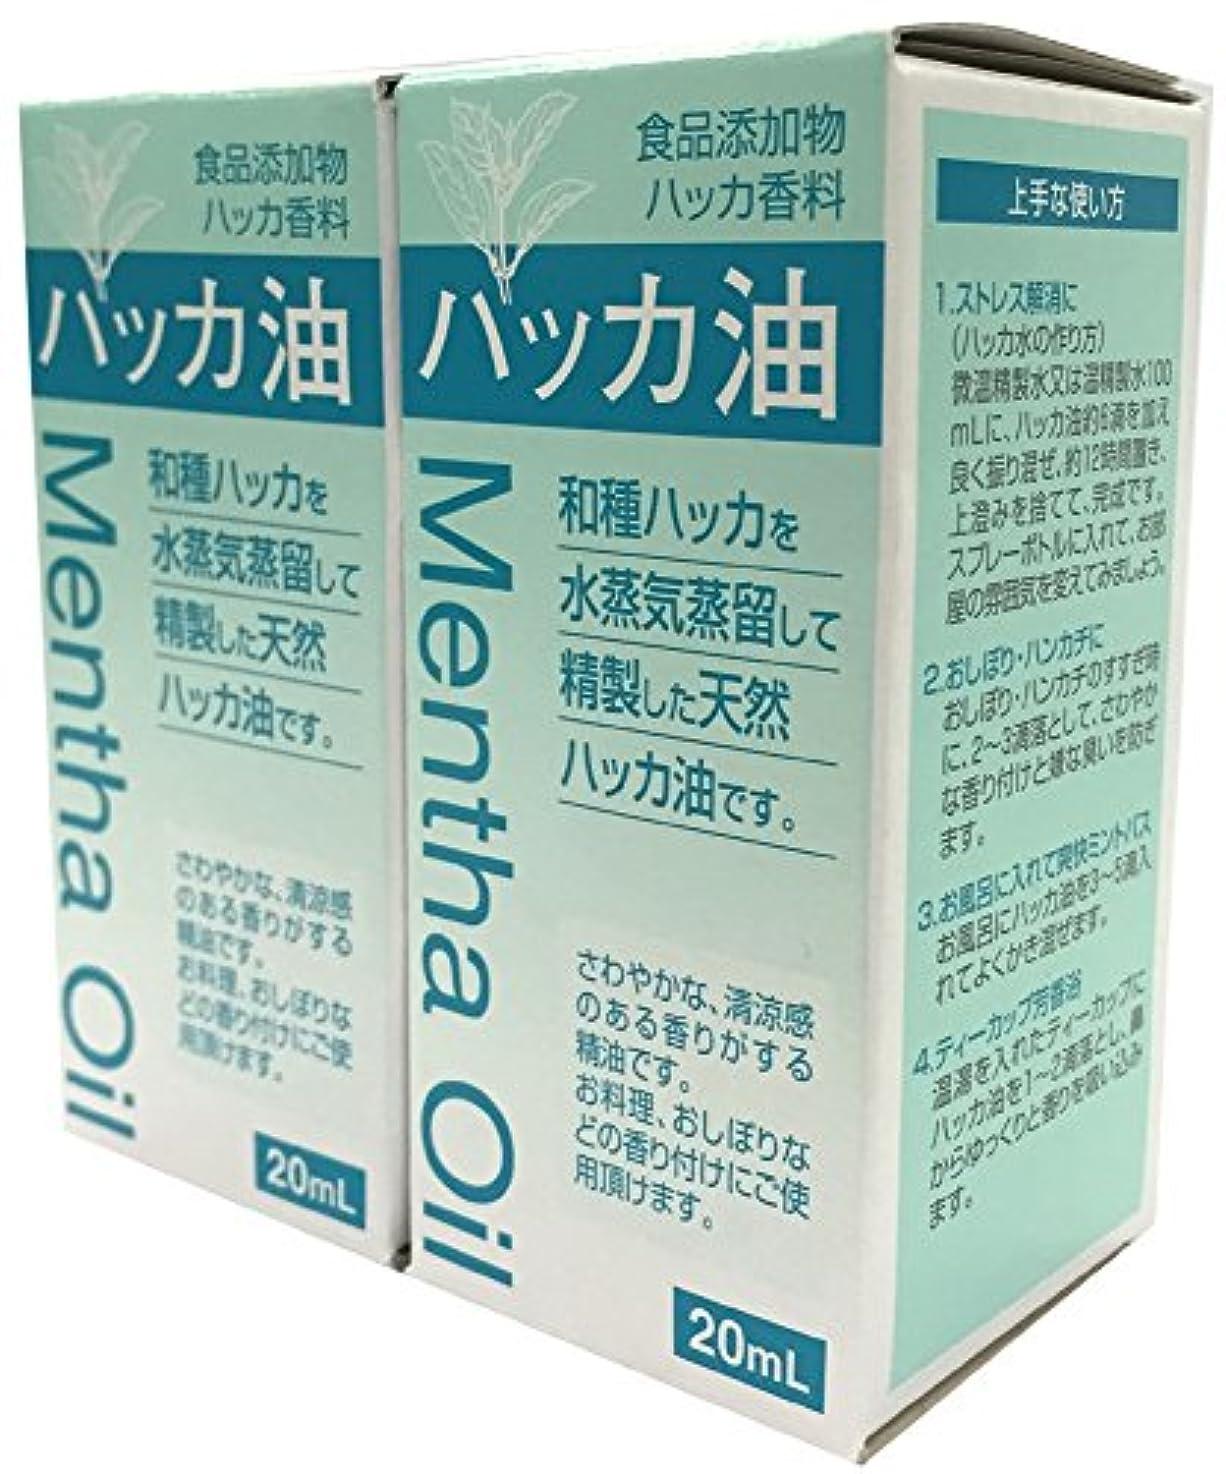 ヒップシャンプー近代化食品添加物 ハッカ油 20mL 2個セット